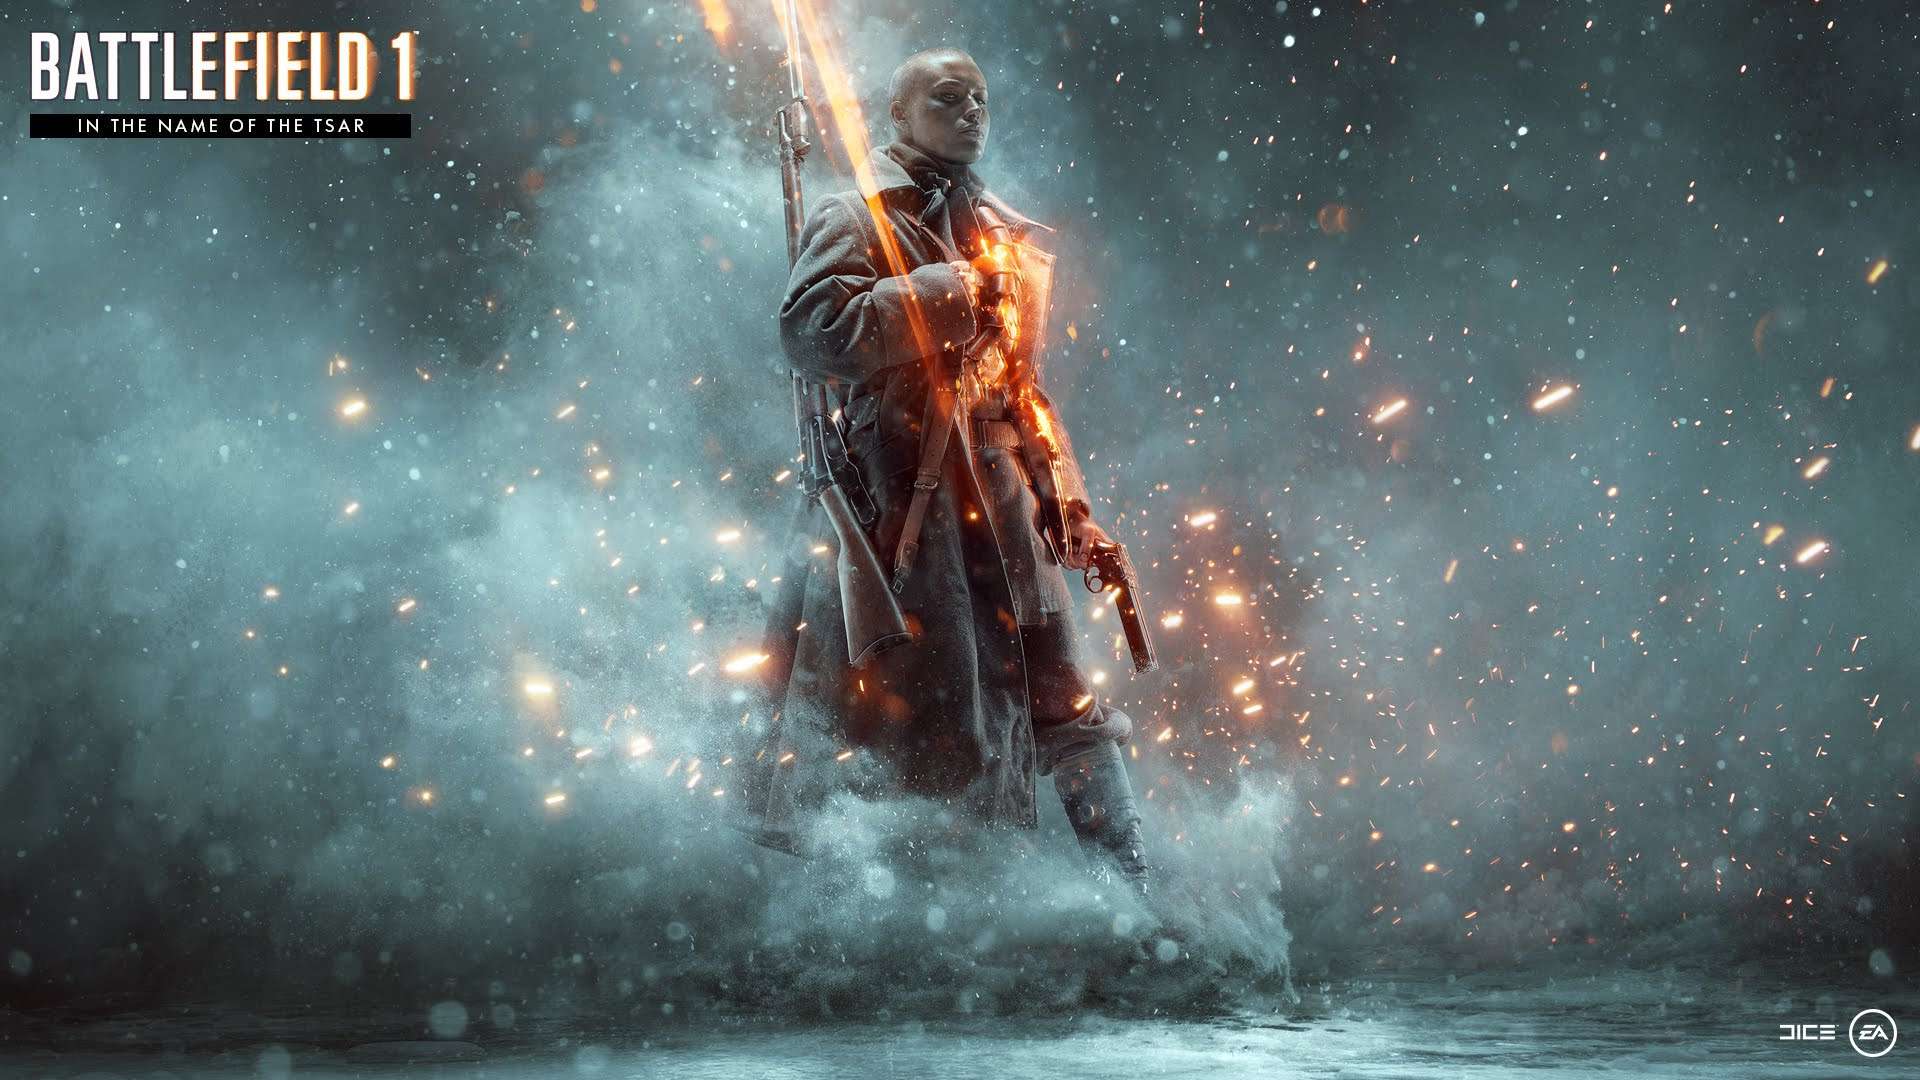 Battlefield 1 (PC, PS4, XB1) – Soundtrack, Tráiler